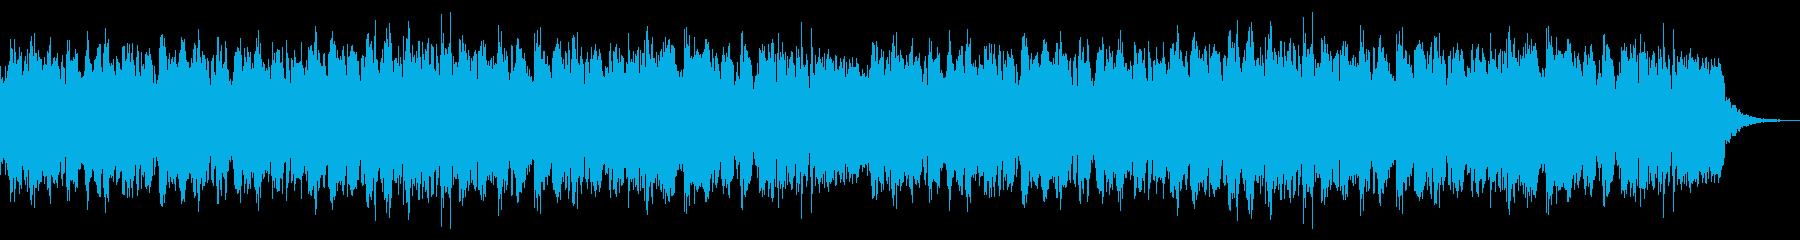 超次元的の再生済みの波形